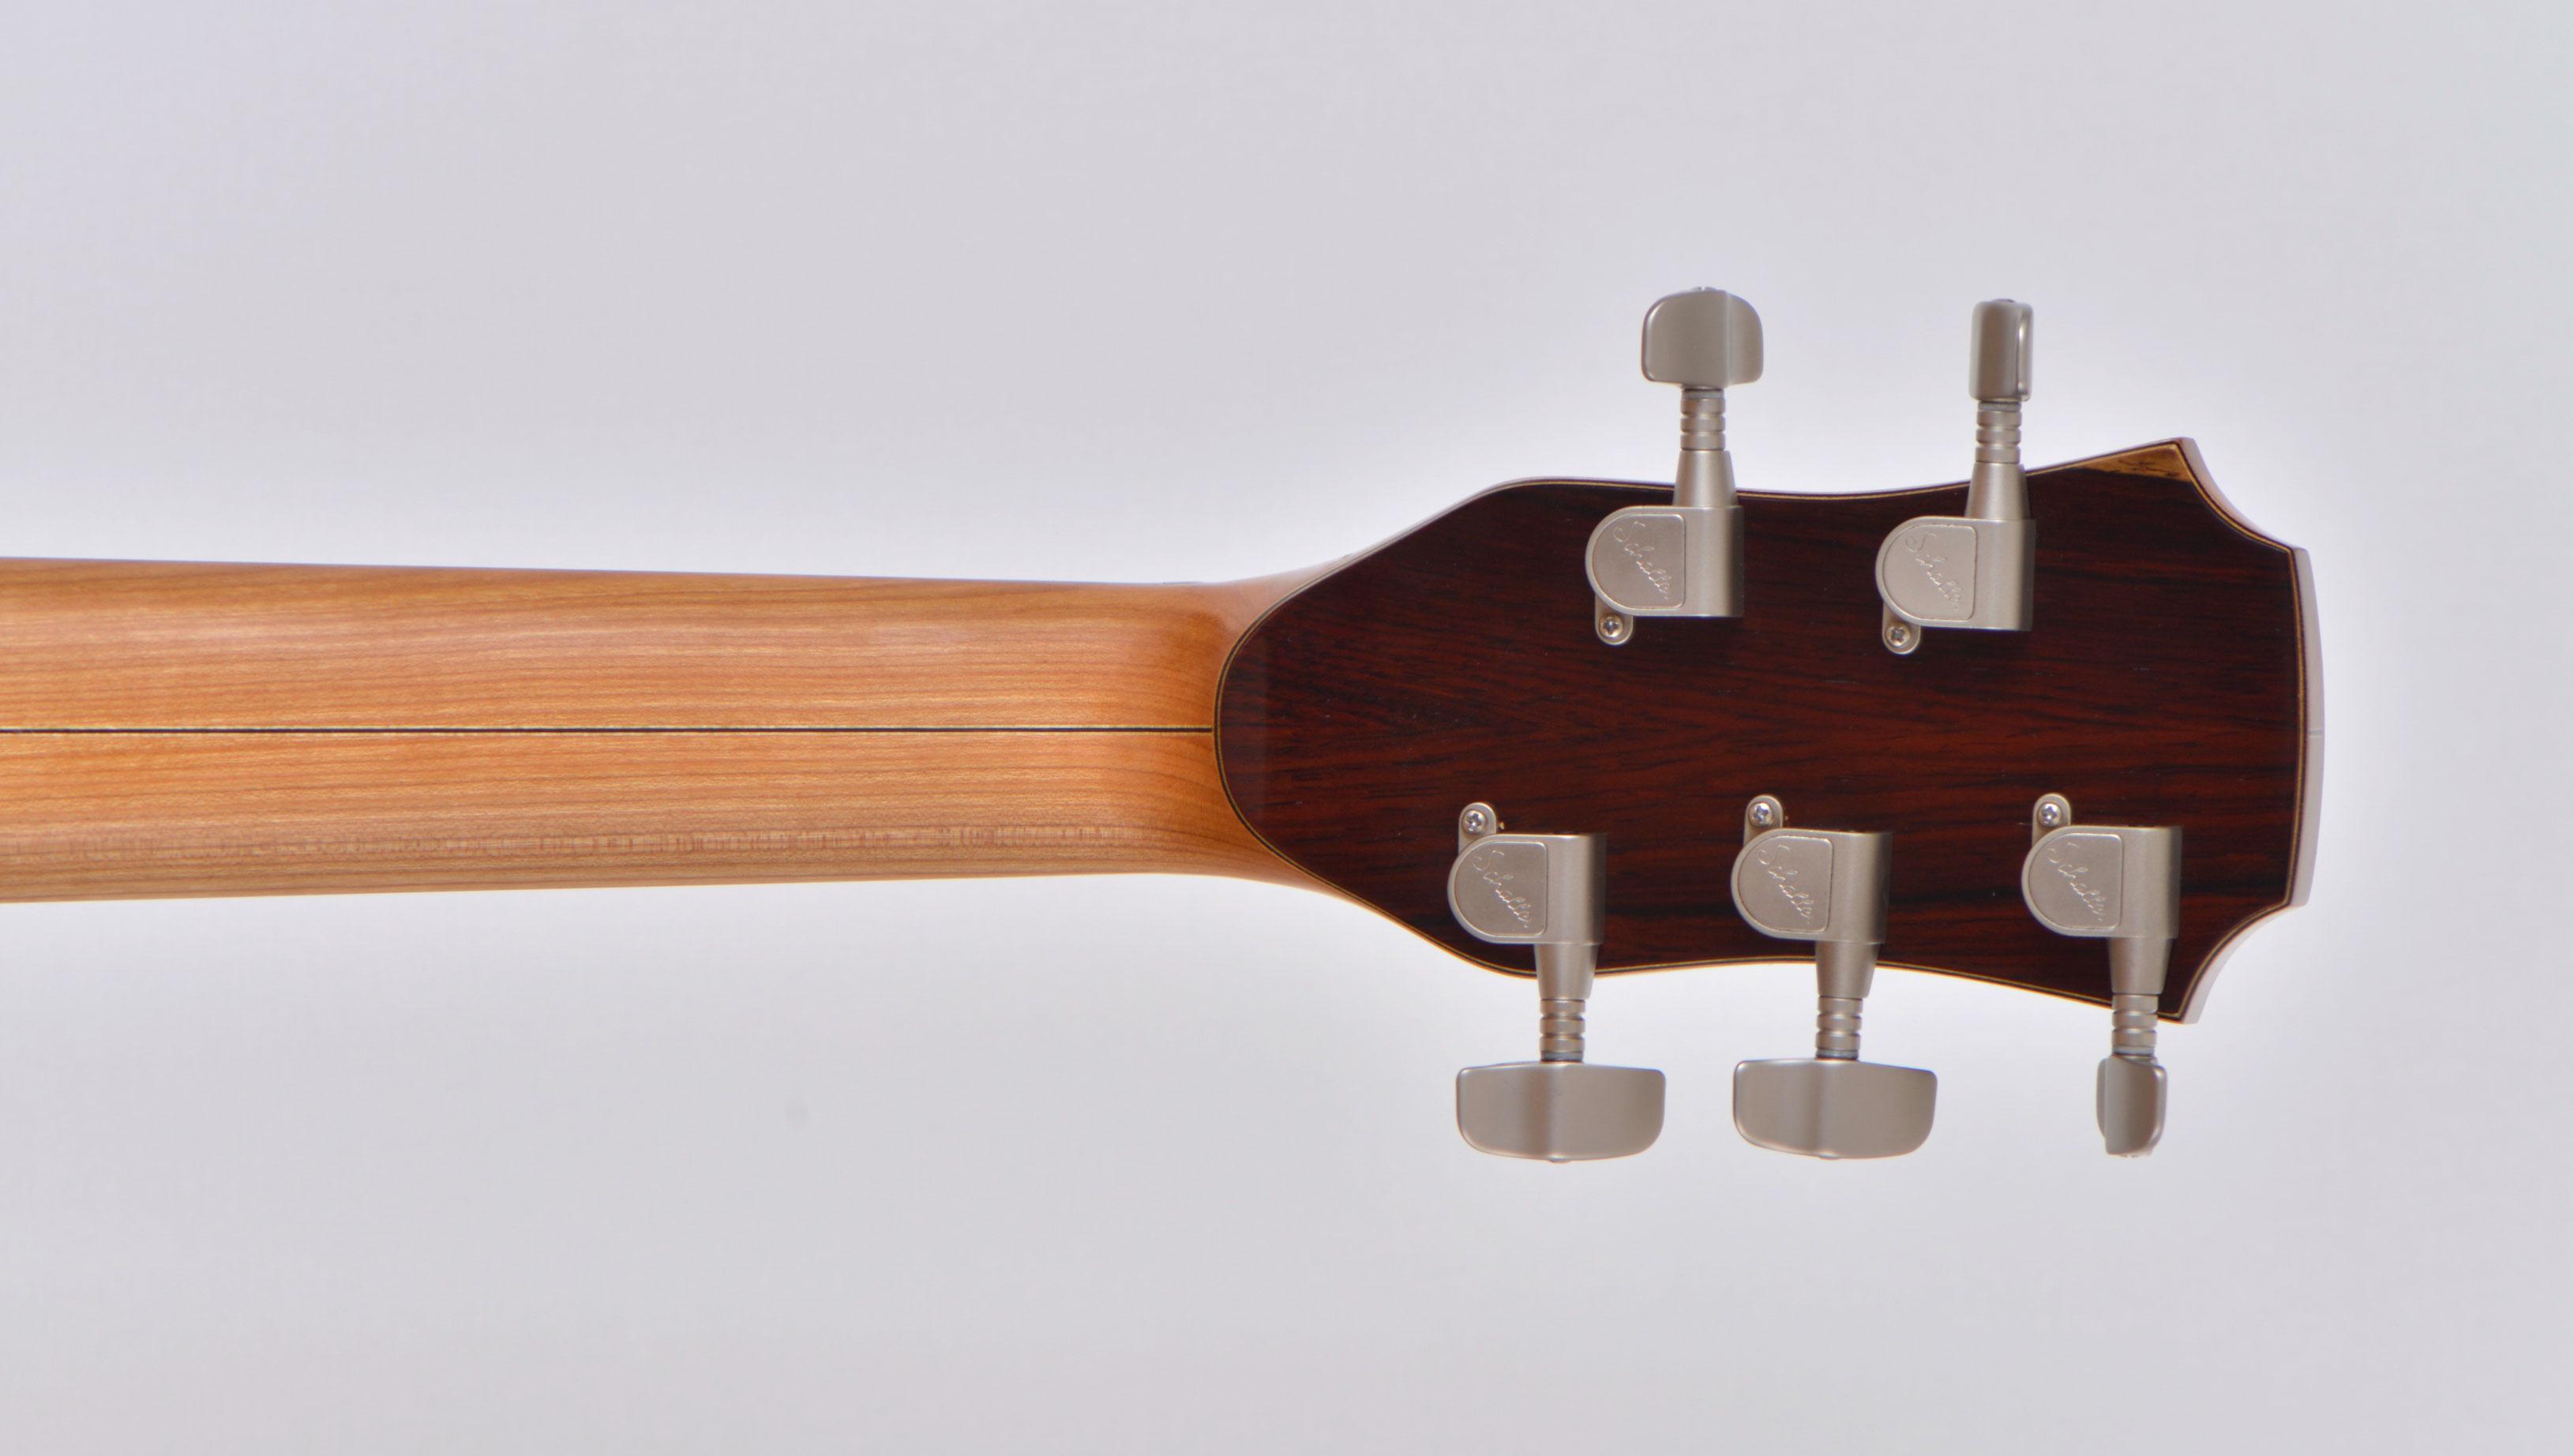 bass-5-06